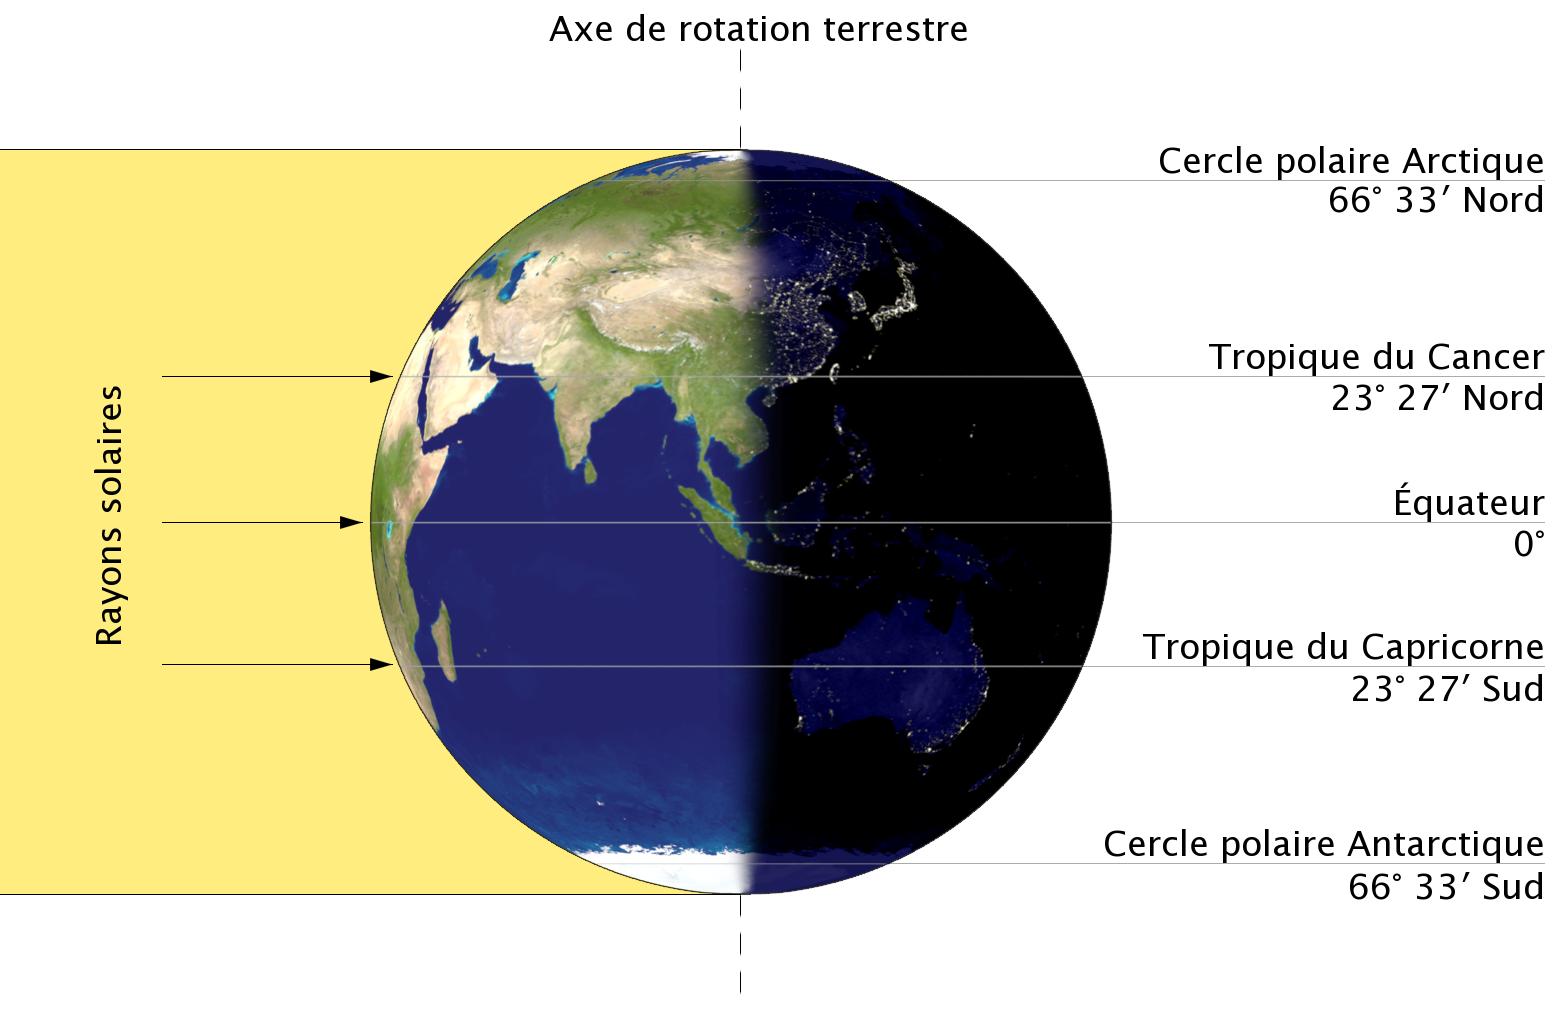 La Terre à l'équinoxe.png